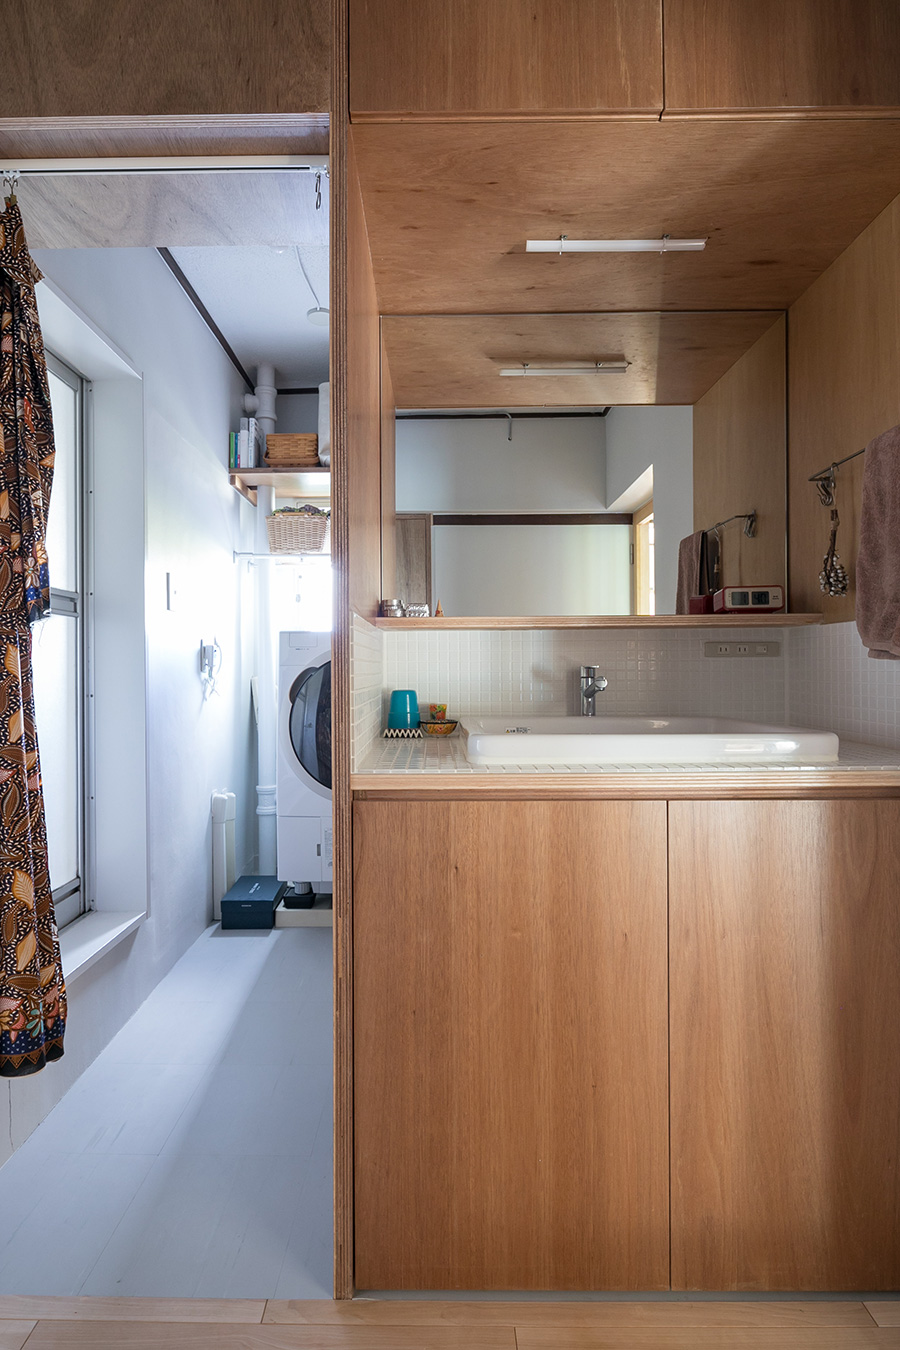 もともと団地特有のコンパクトなつくりだった洗面台を、廊下側にレイアウトを変更することによって、機能性とゆとりある広さを実現した。